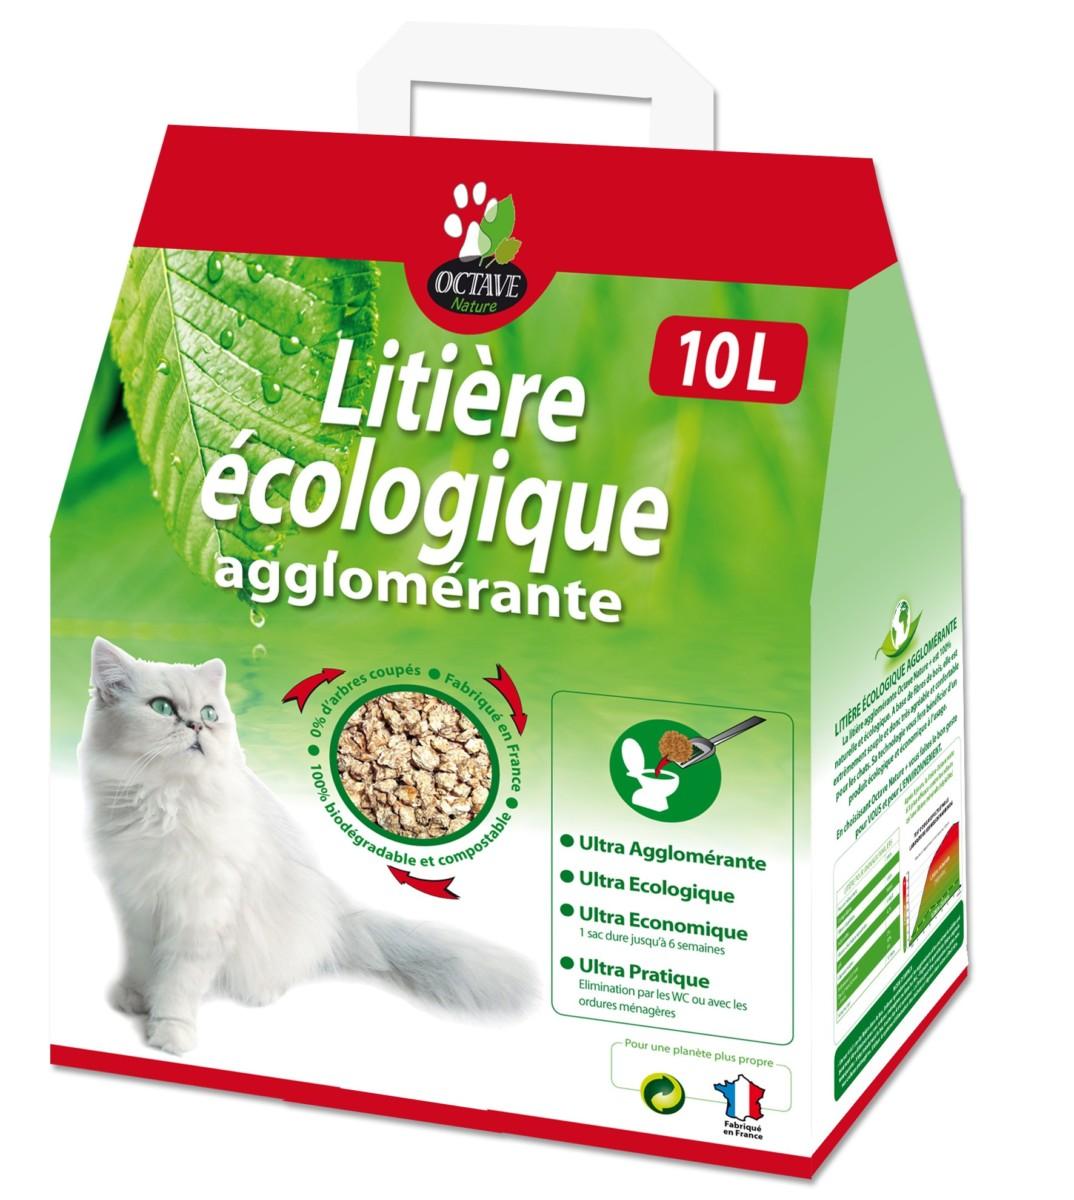 Litière Végétale Écologique Aglomérante Octave Nature 10 Litres